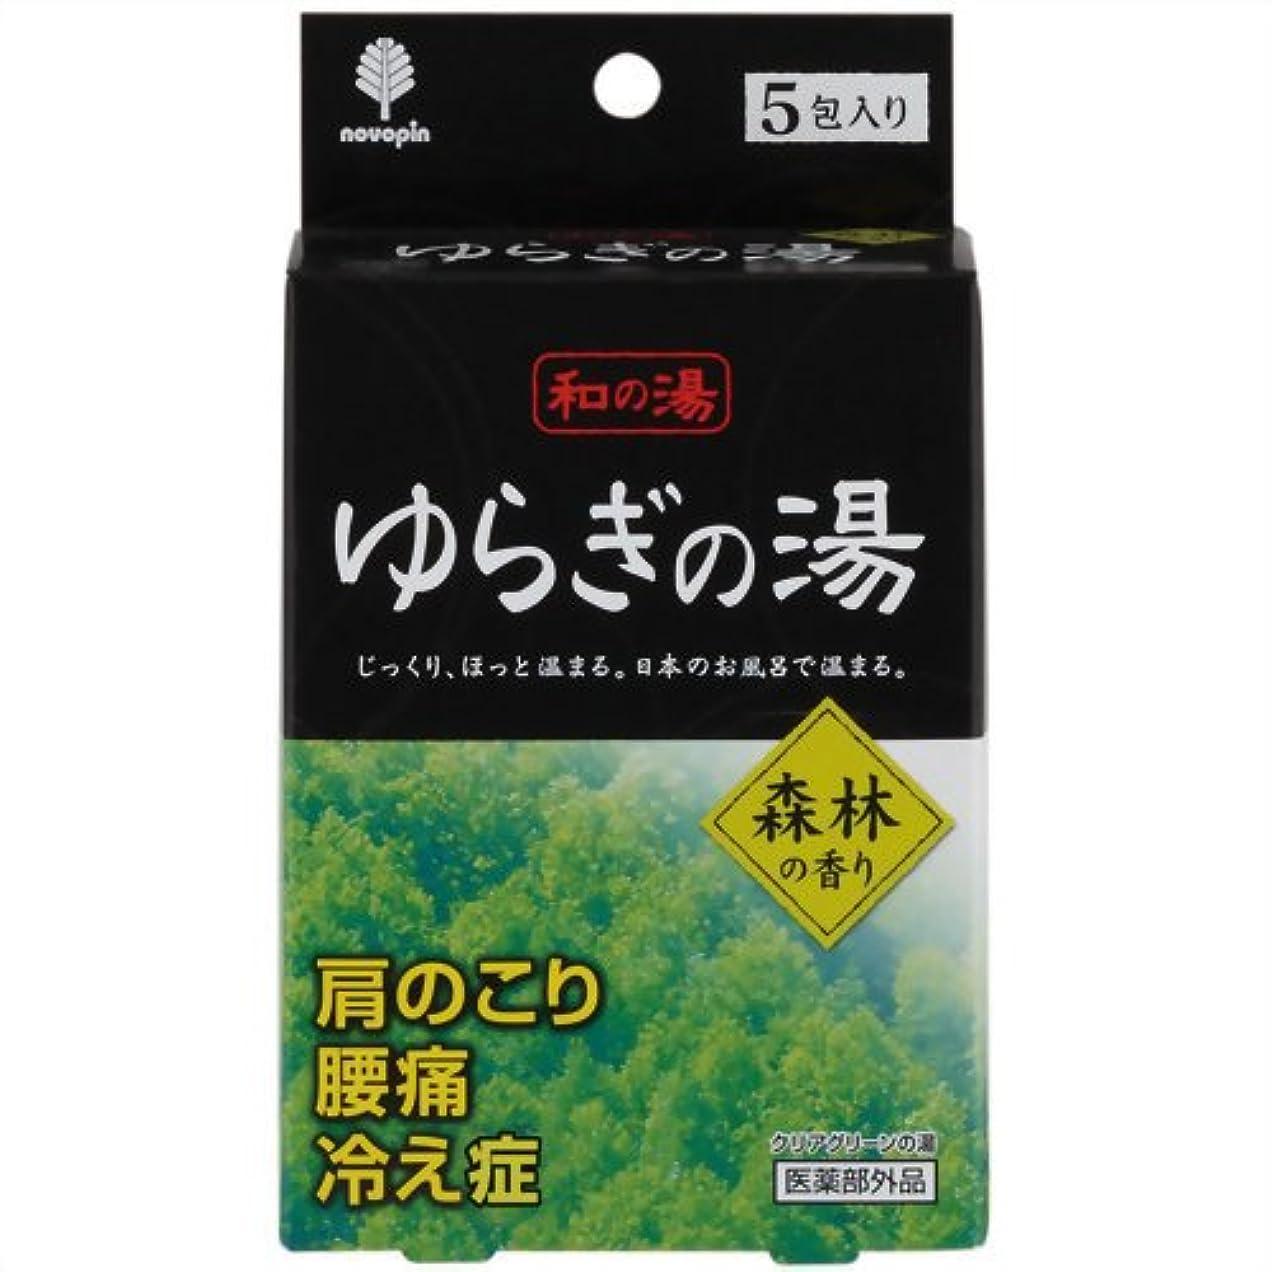 マングルバクテリア前提条件ゆらぎの湯 森林の香り 25g×5包入